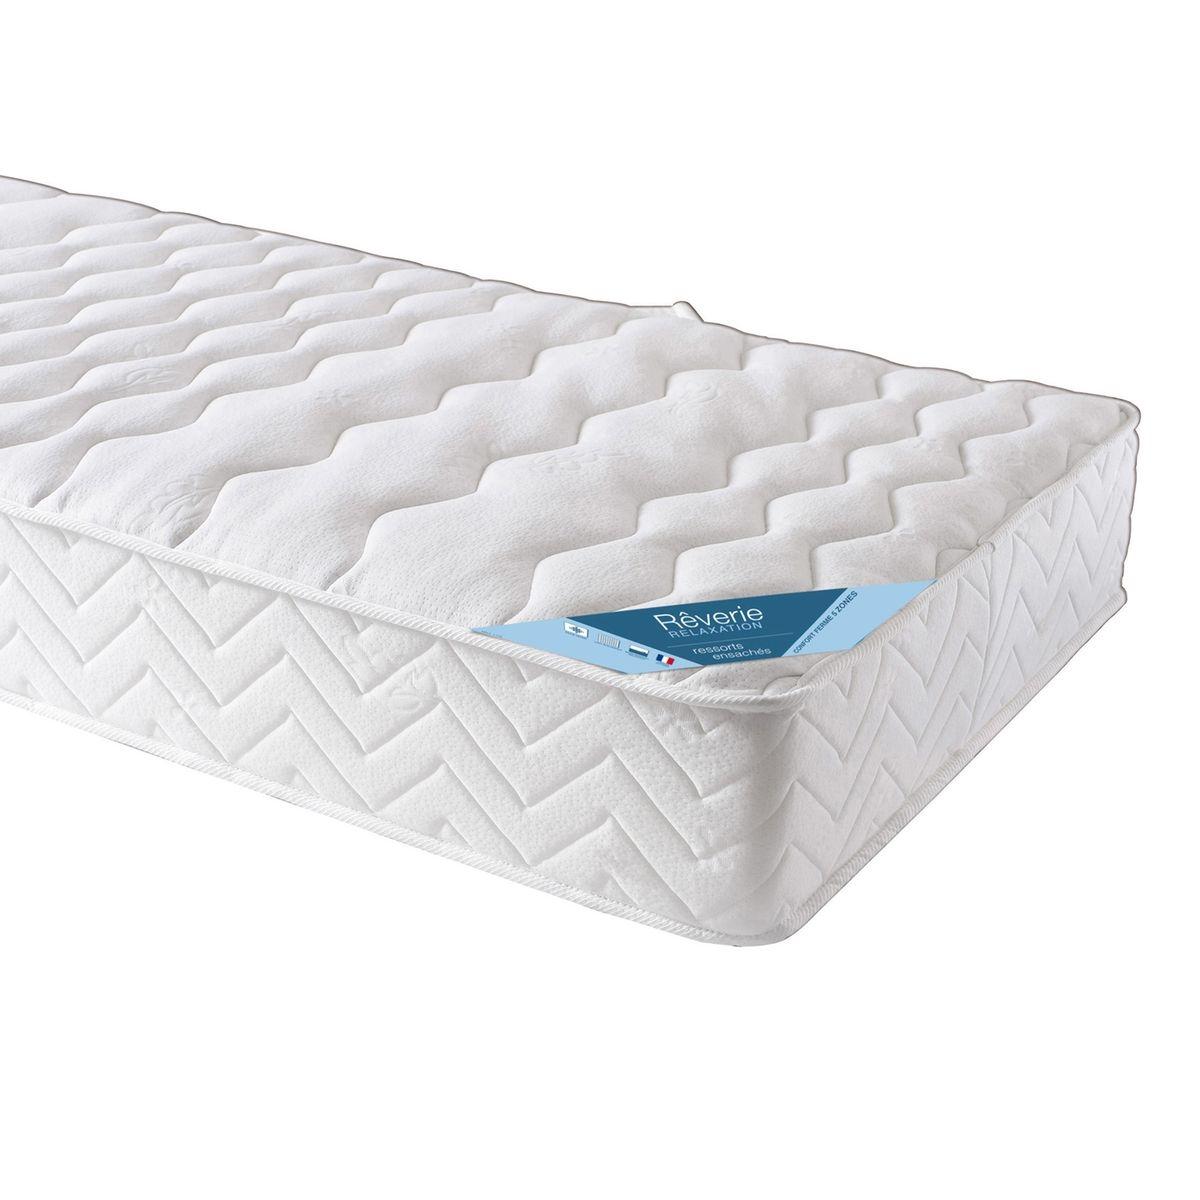 55 sur matelas donatello 90 140 160 cm 640 ressorts ensach s 5 zones de confort vendu par. Black Bedroom Furniture Sets. Home Design Ideas